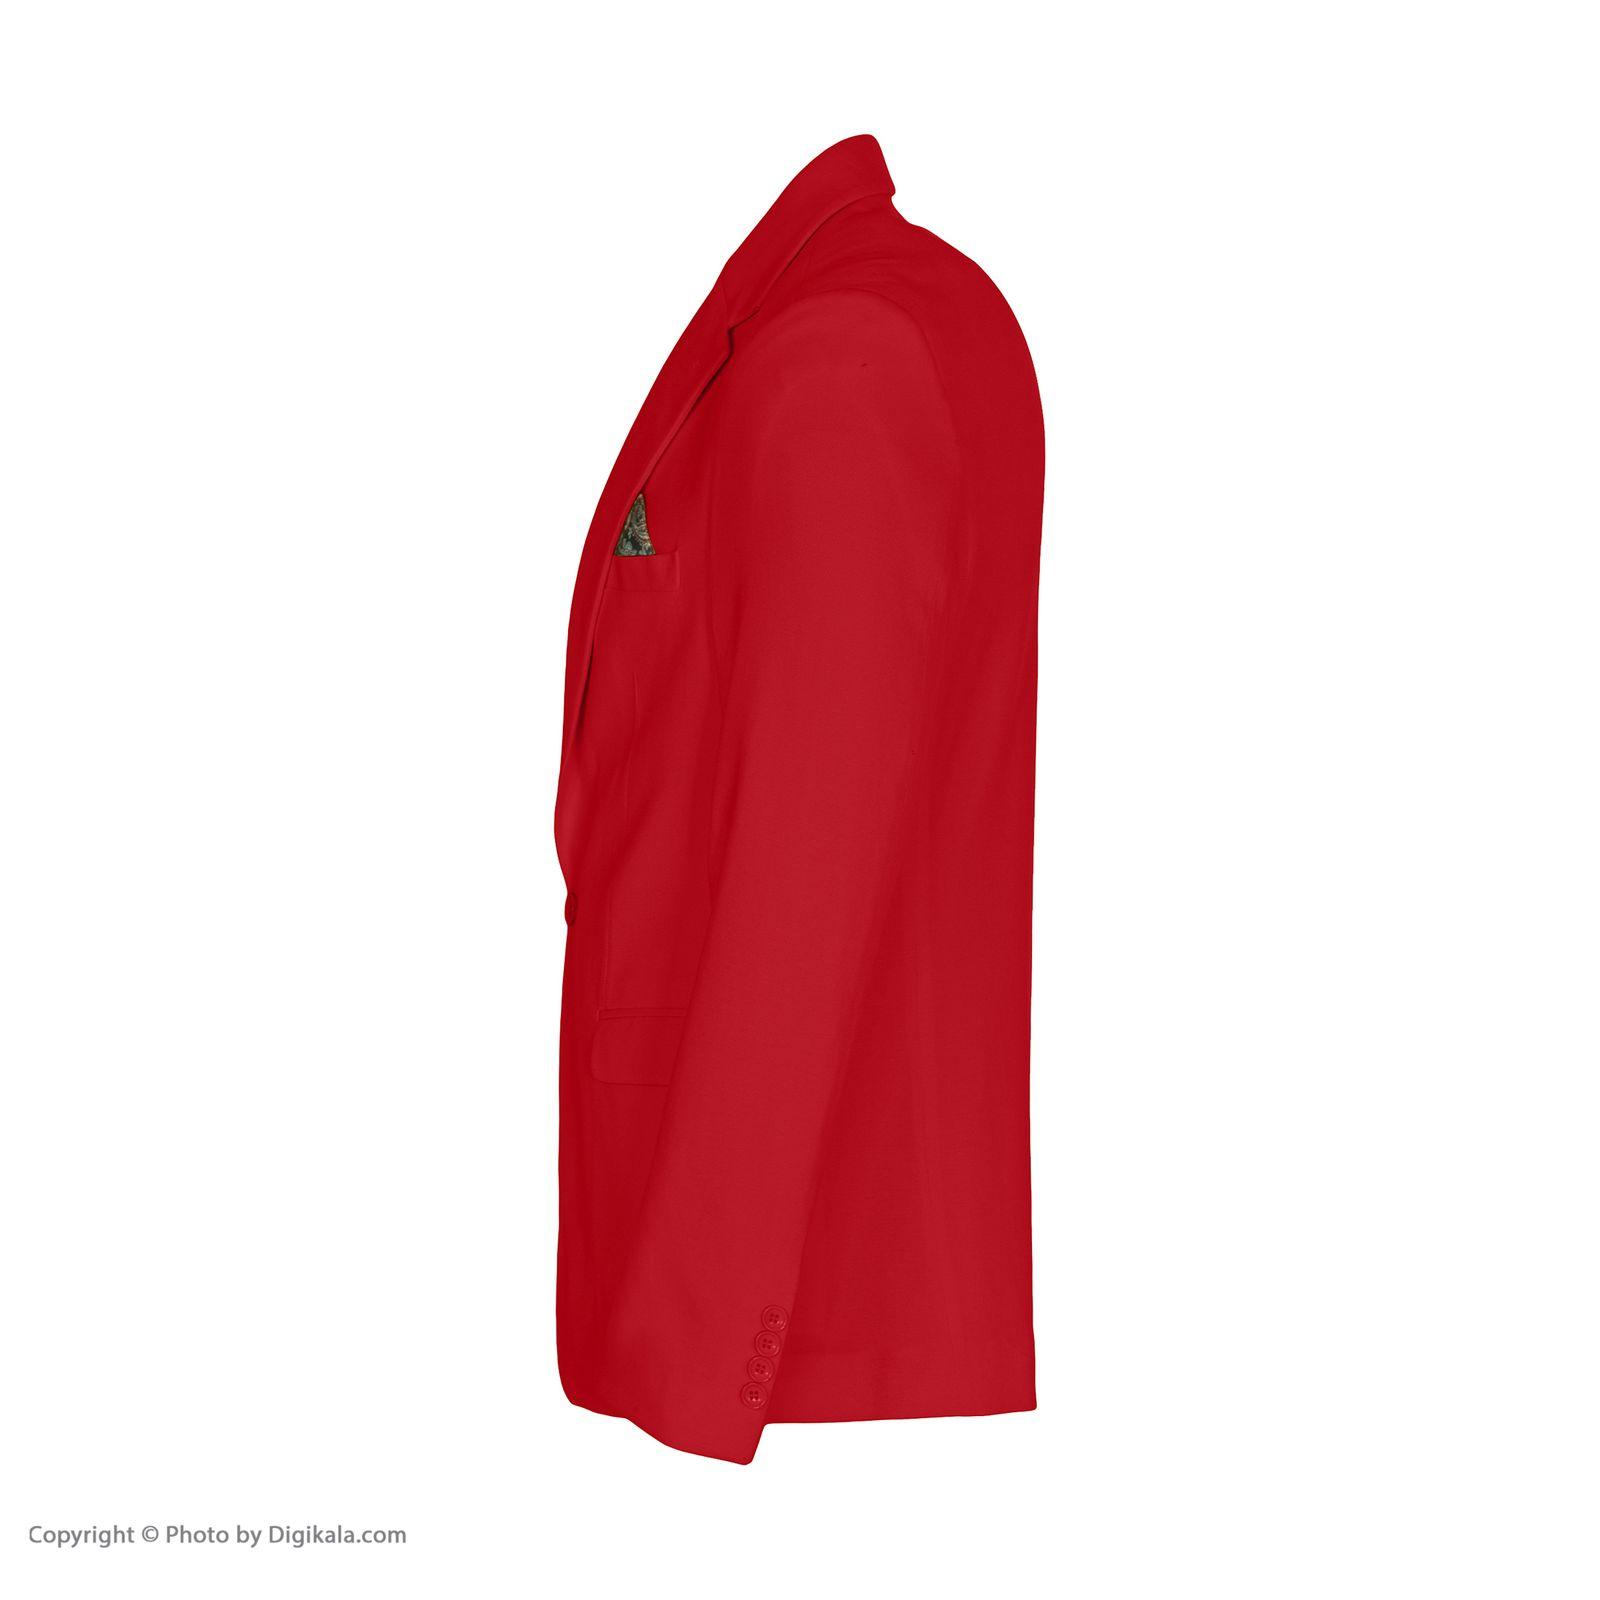 کت تک مردانه ان سی نو مدل جانسو رنگ قرمز -  - 2